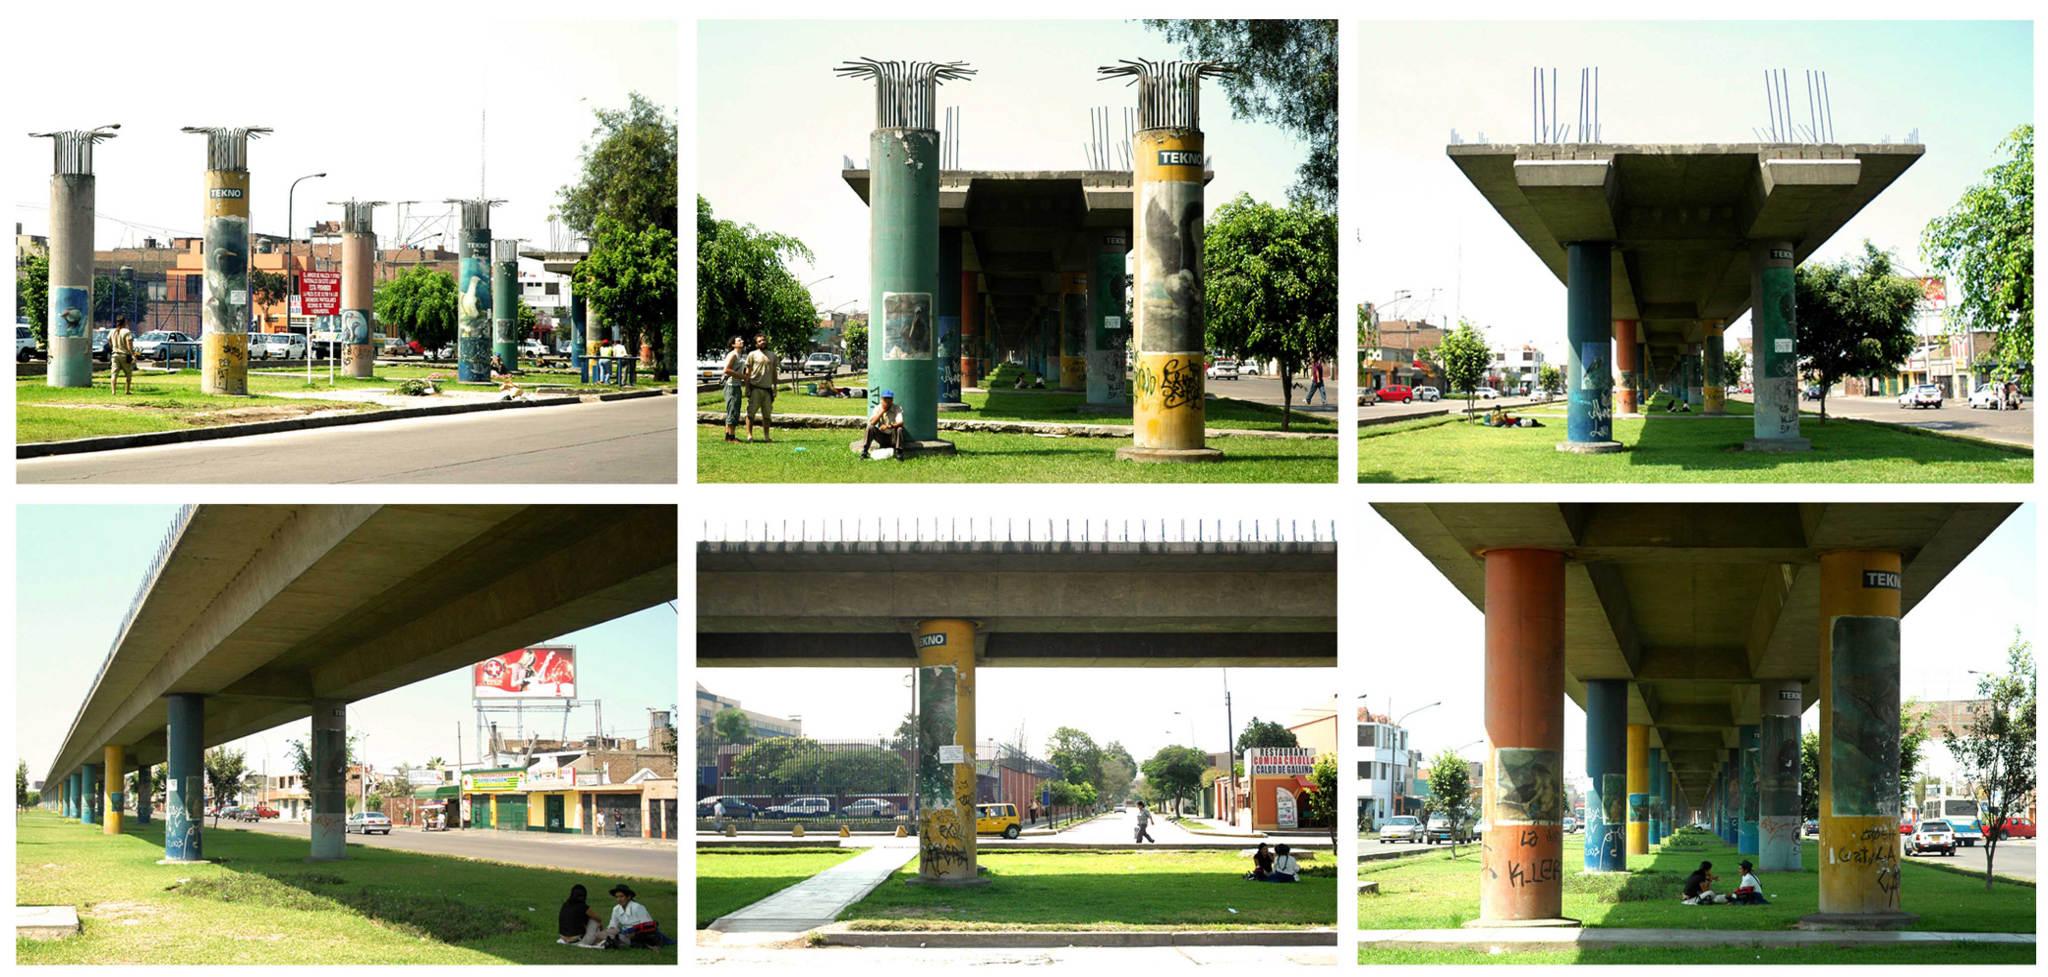 városi terek újrahasznosítása - Lima - Peru